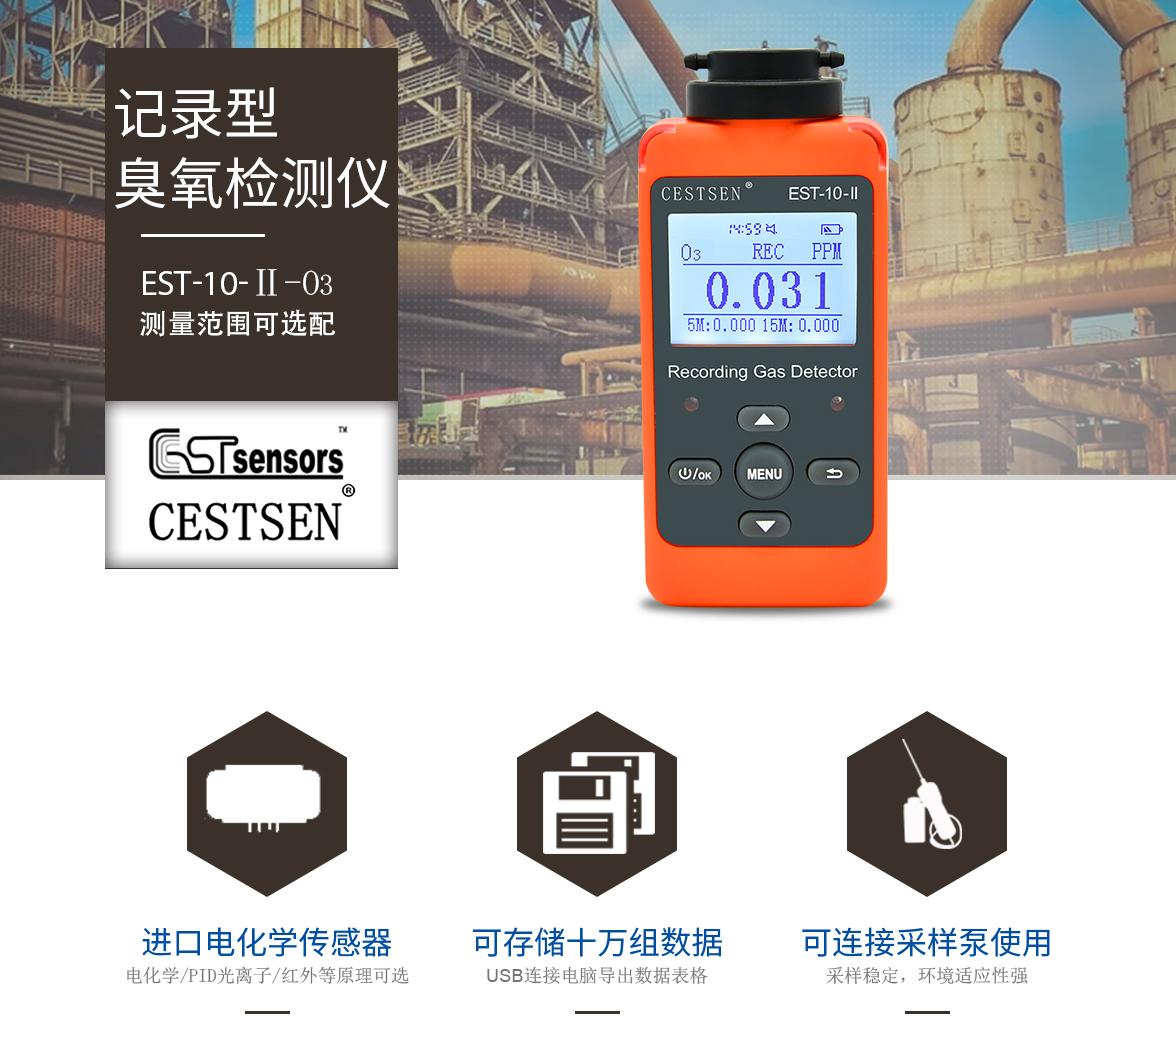 便携式臭氧检测仪EST-10-Ⅱ-O3